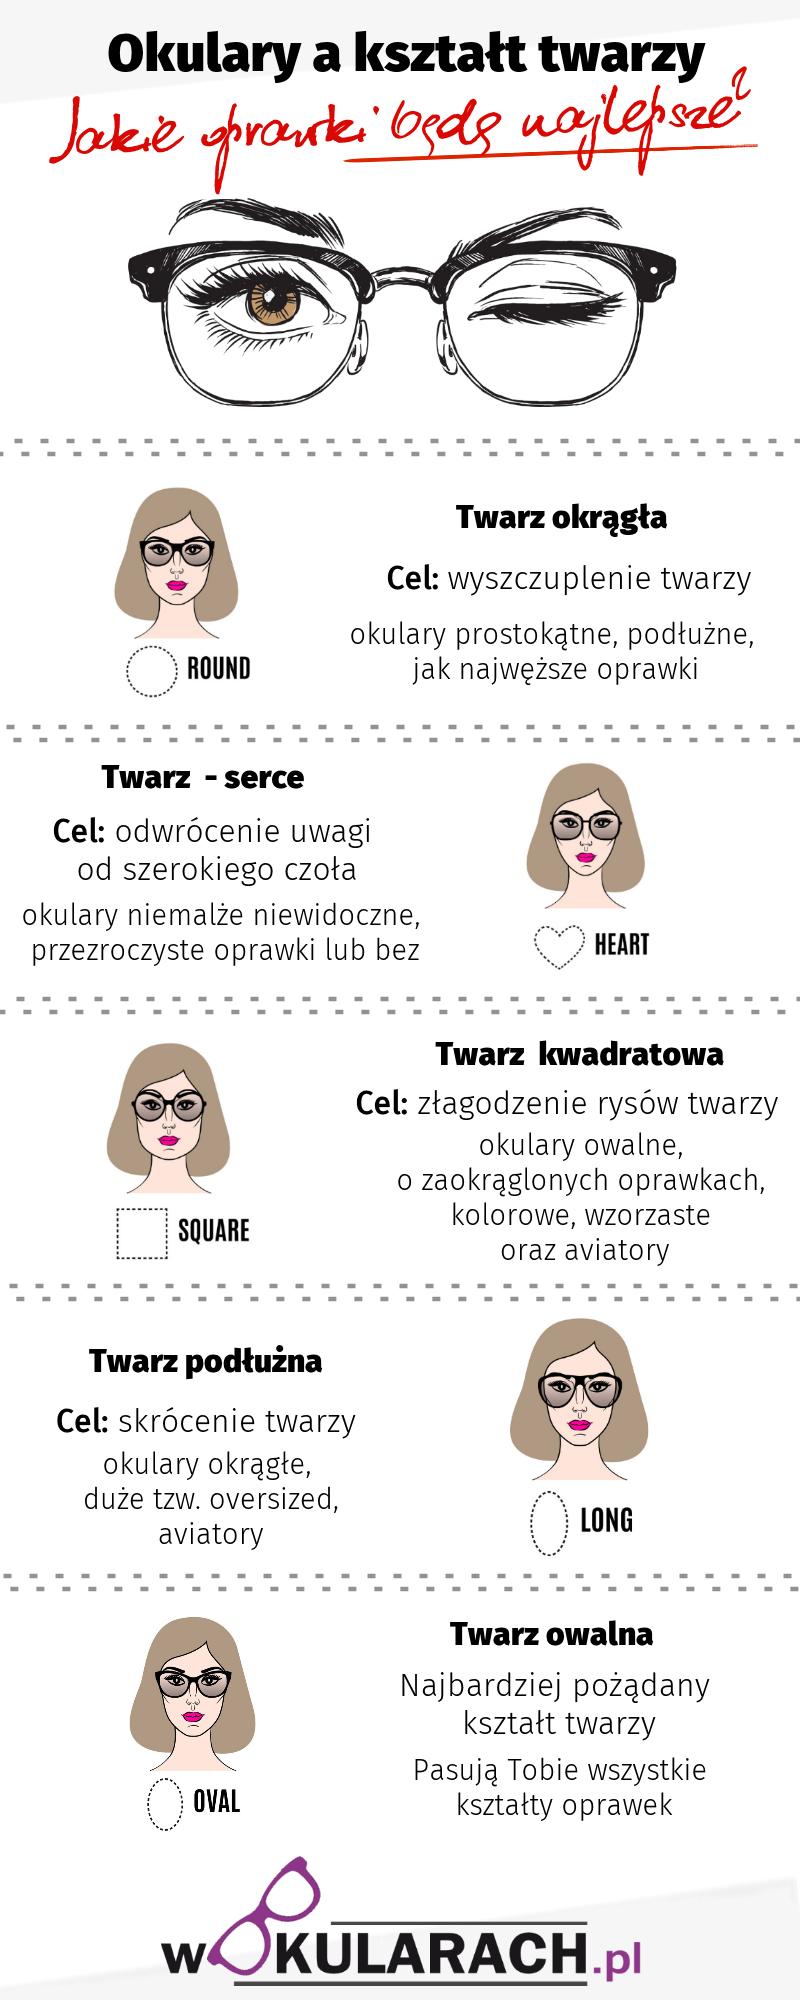 okulary a kształt twarzy - infografika